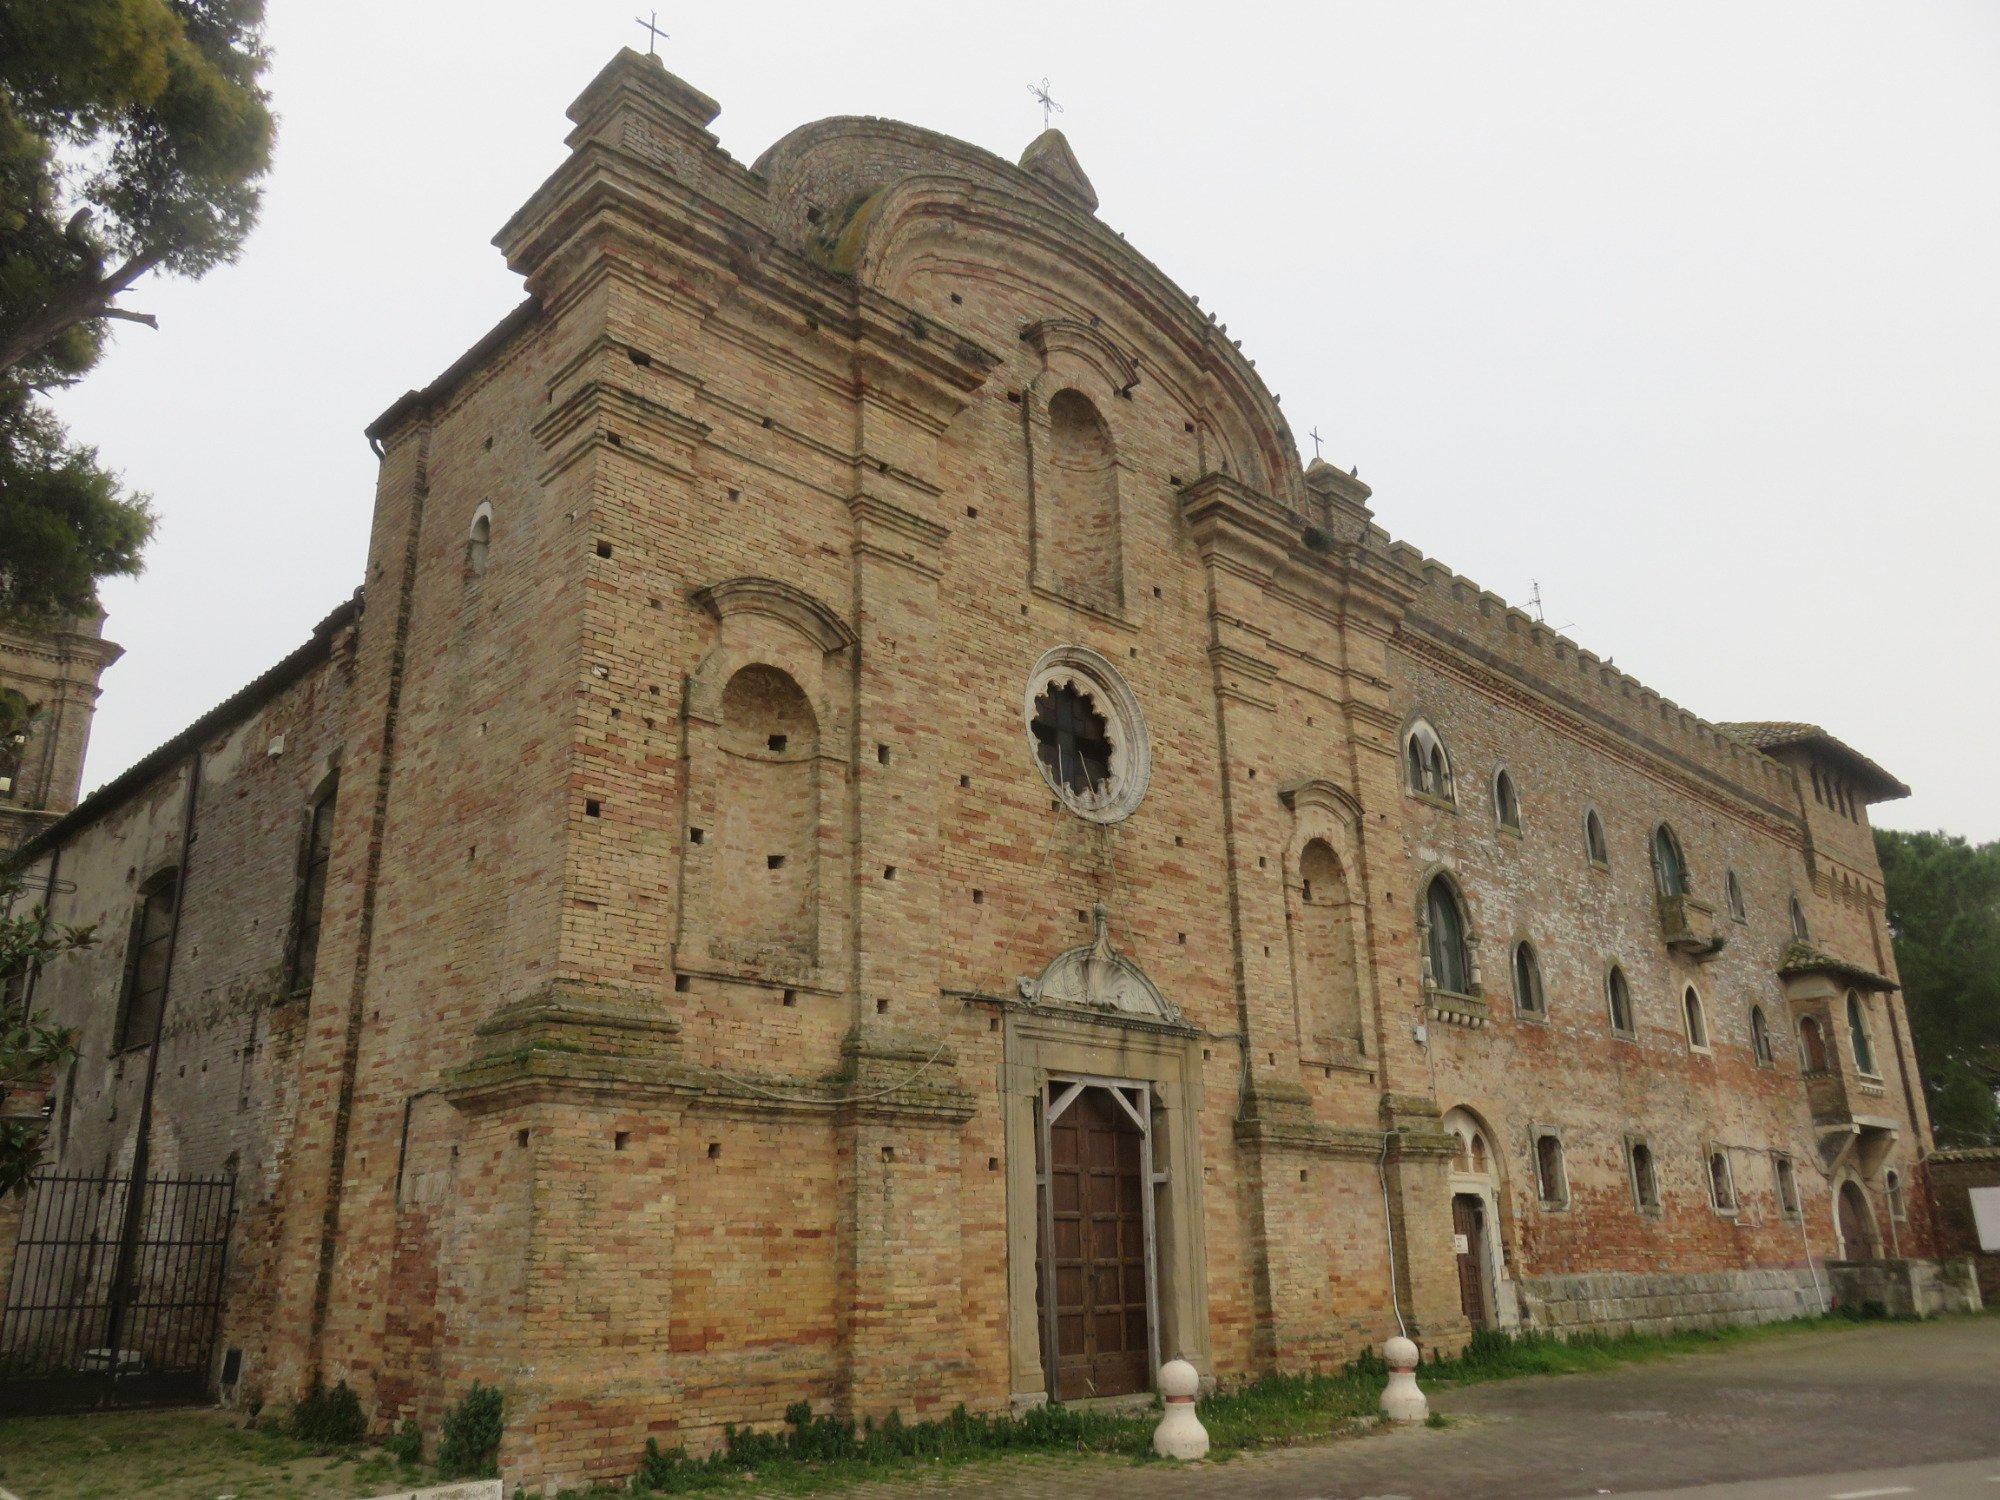 Convento di San Panfilo Fuori Le Mura